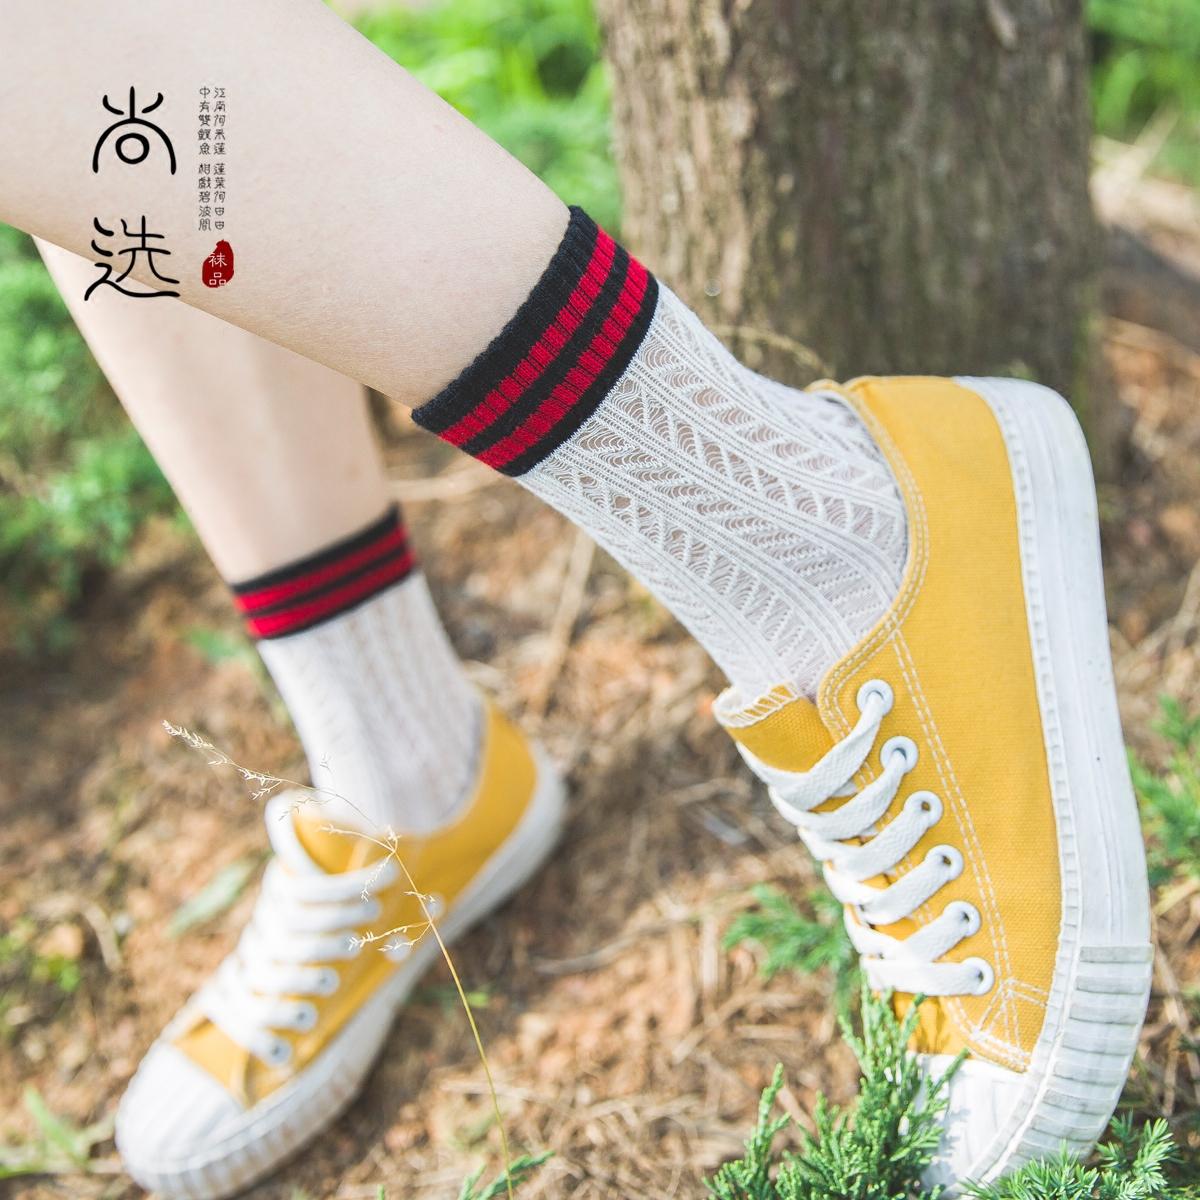 白色袜子女中筒袜秋冬季韩国百搭纯棉镂空网眼袜日系二杠条纹潮袜